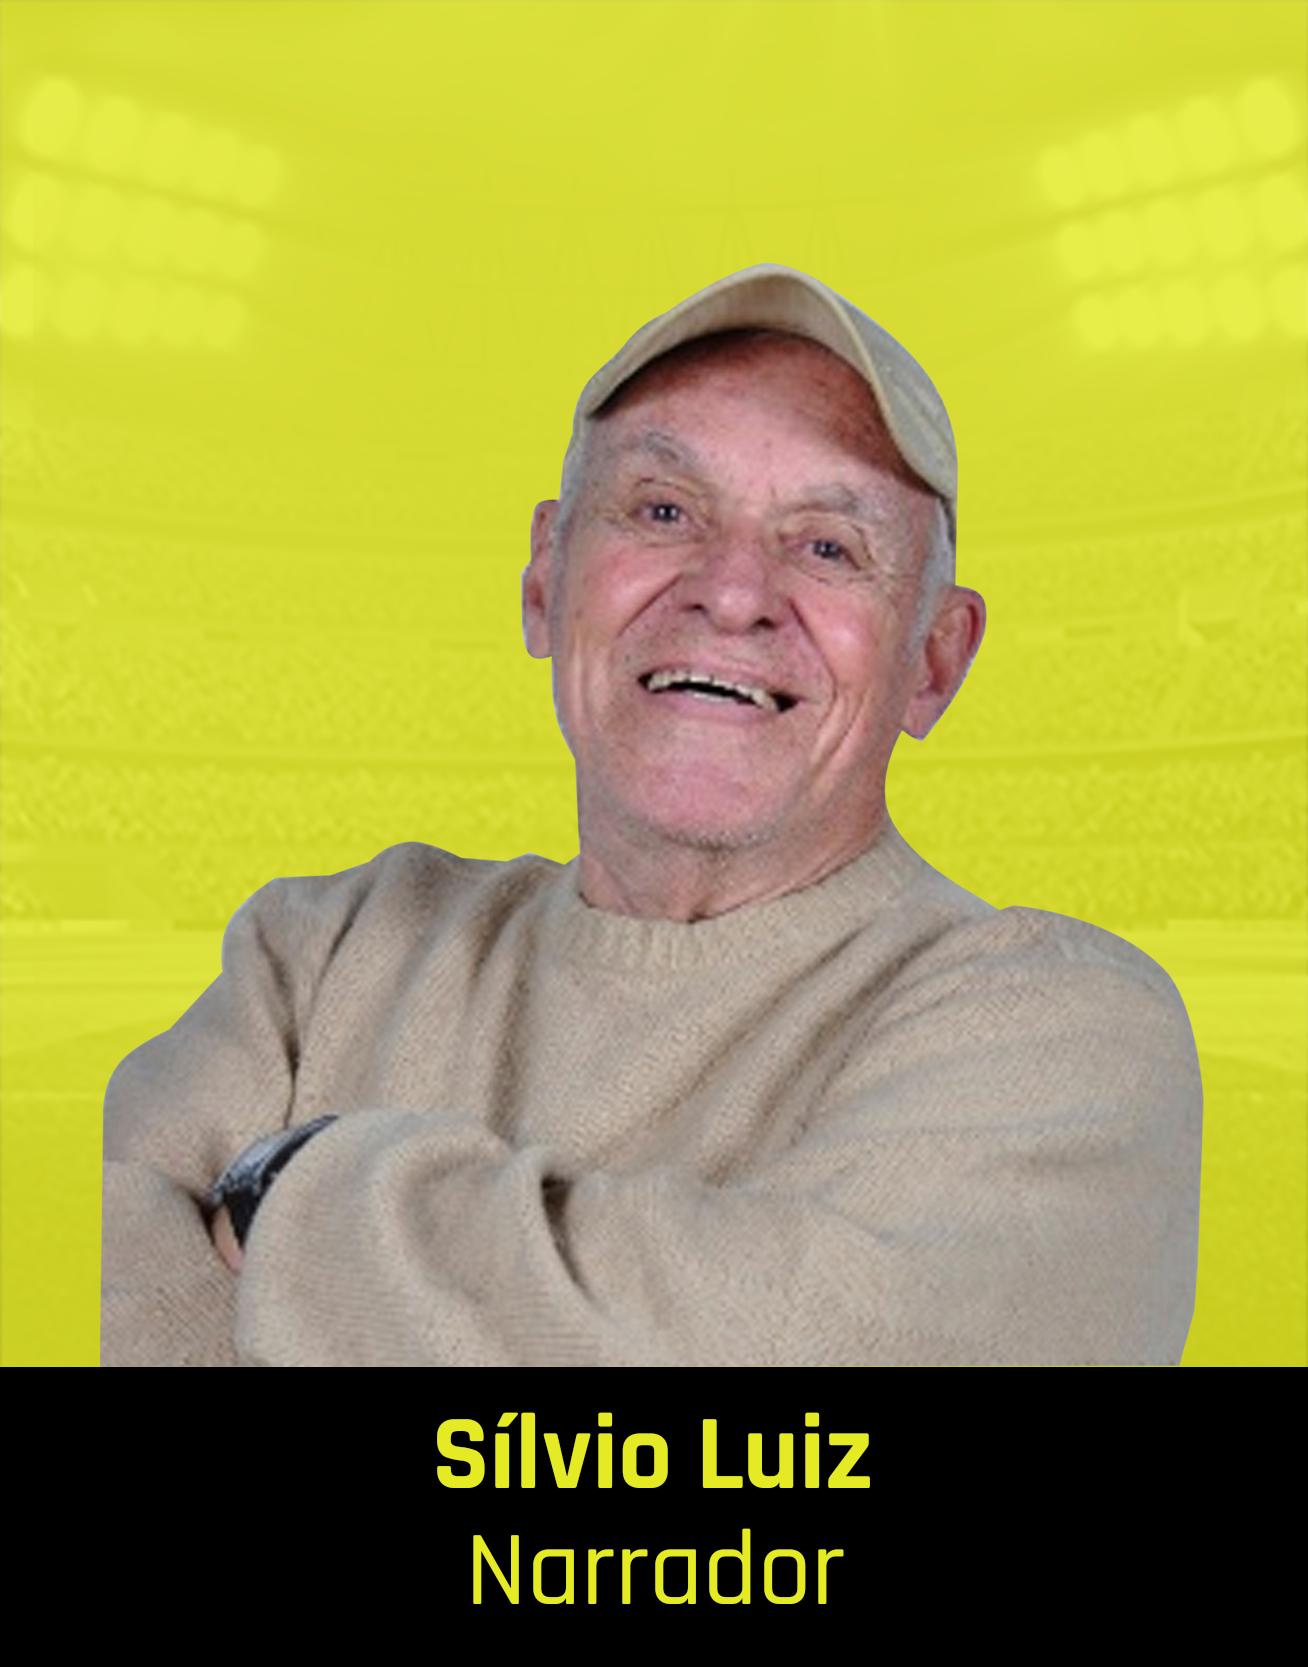 Silvio Luiz